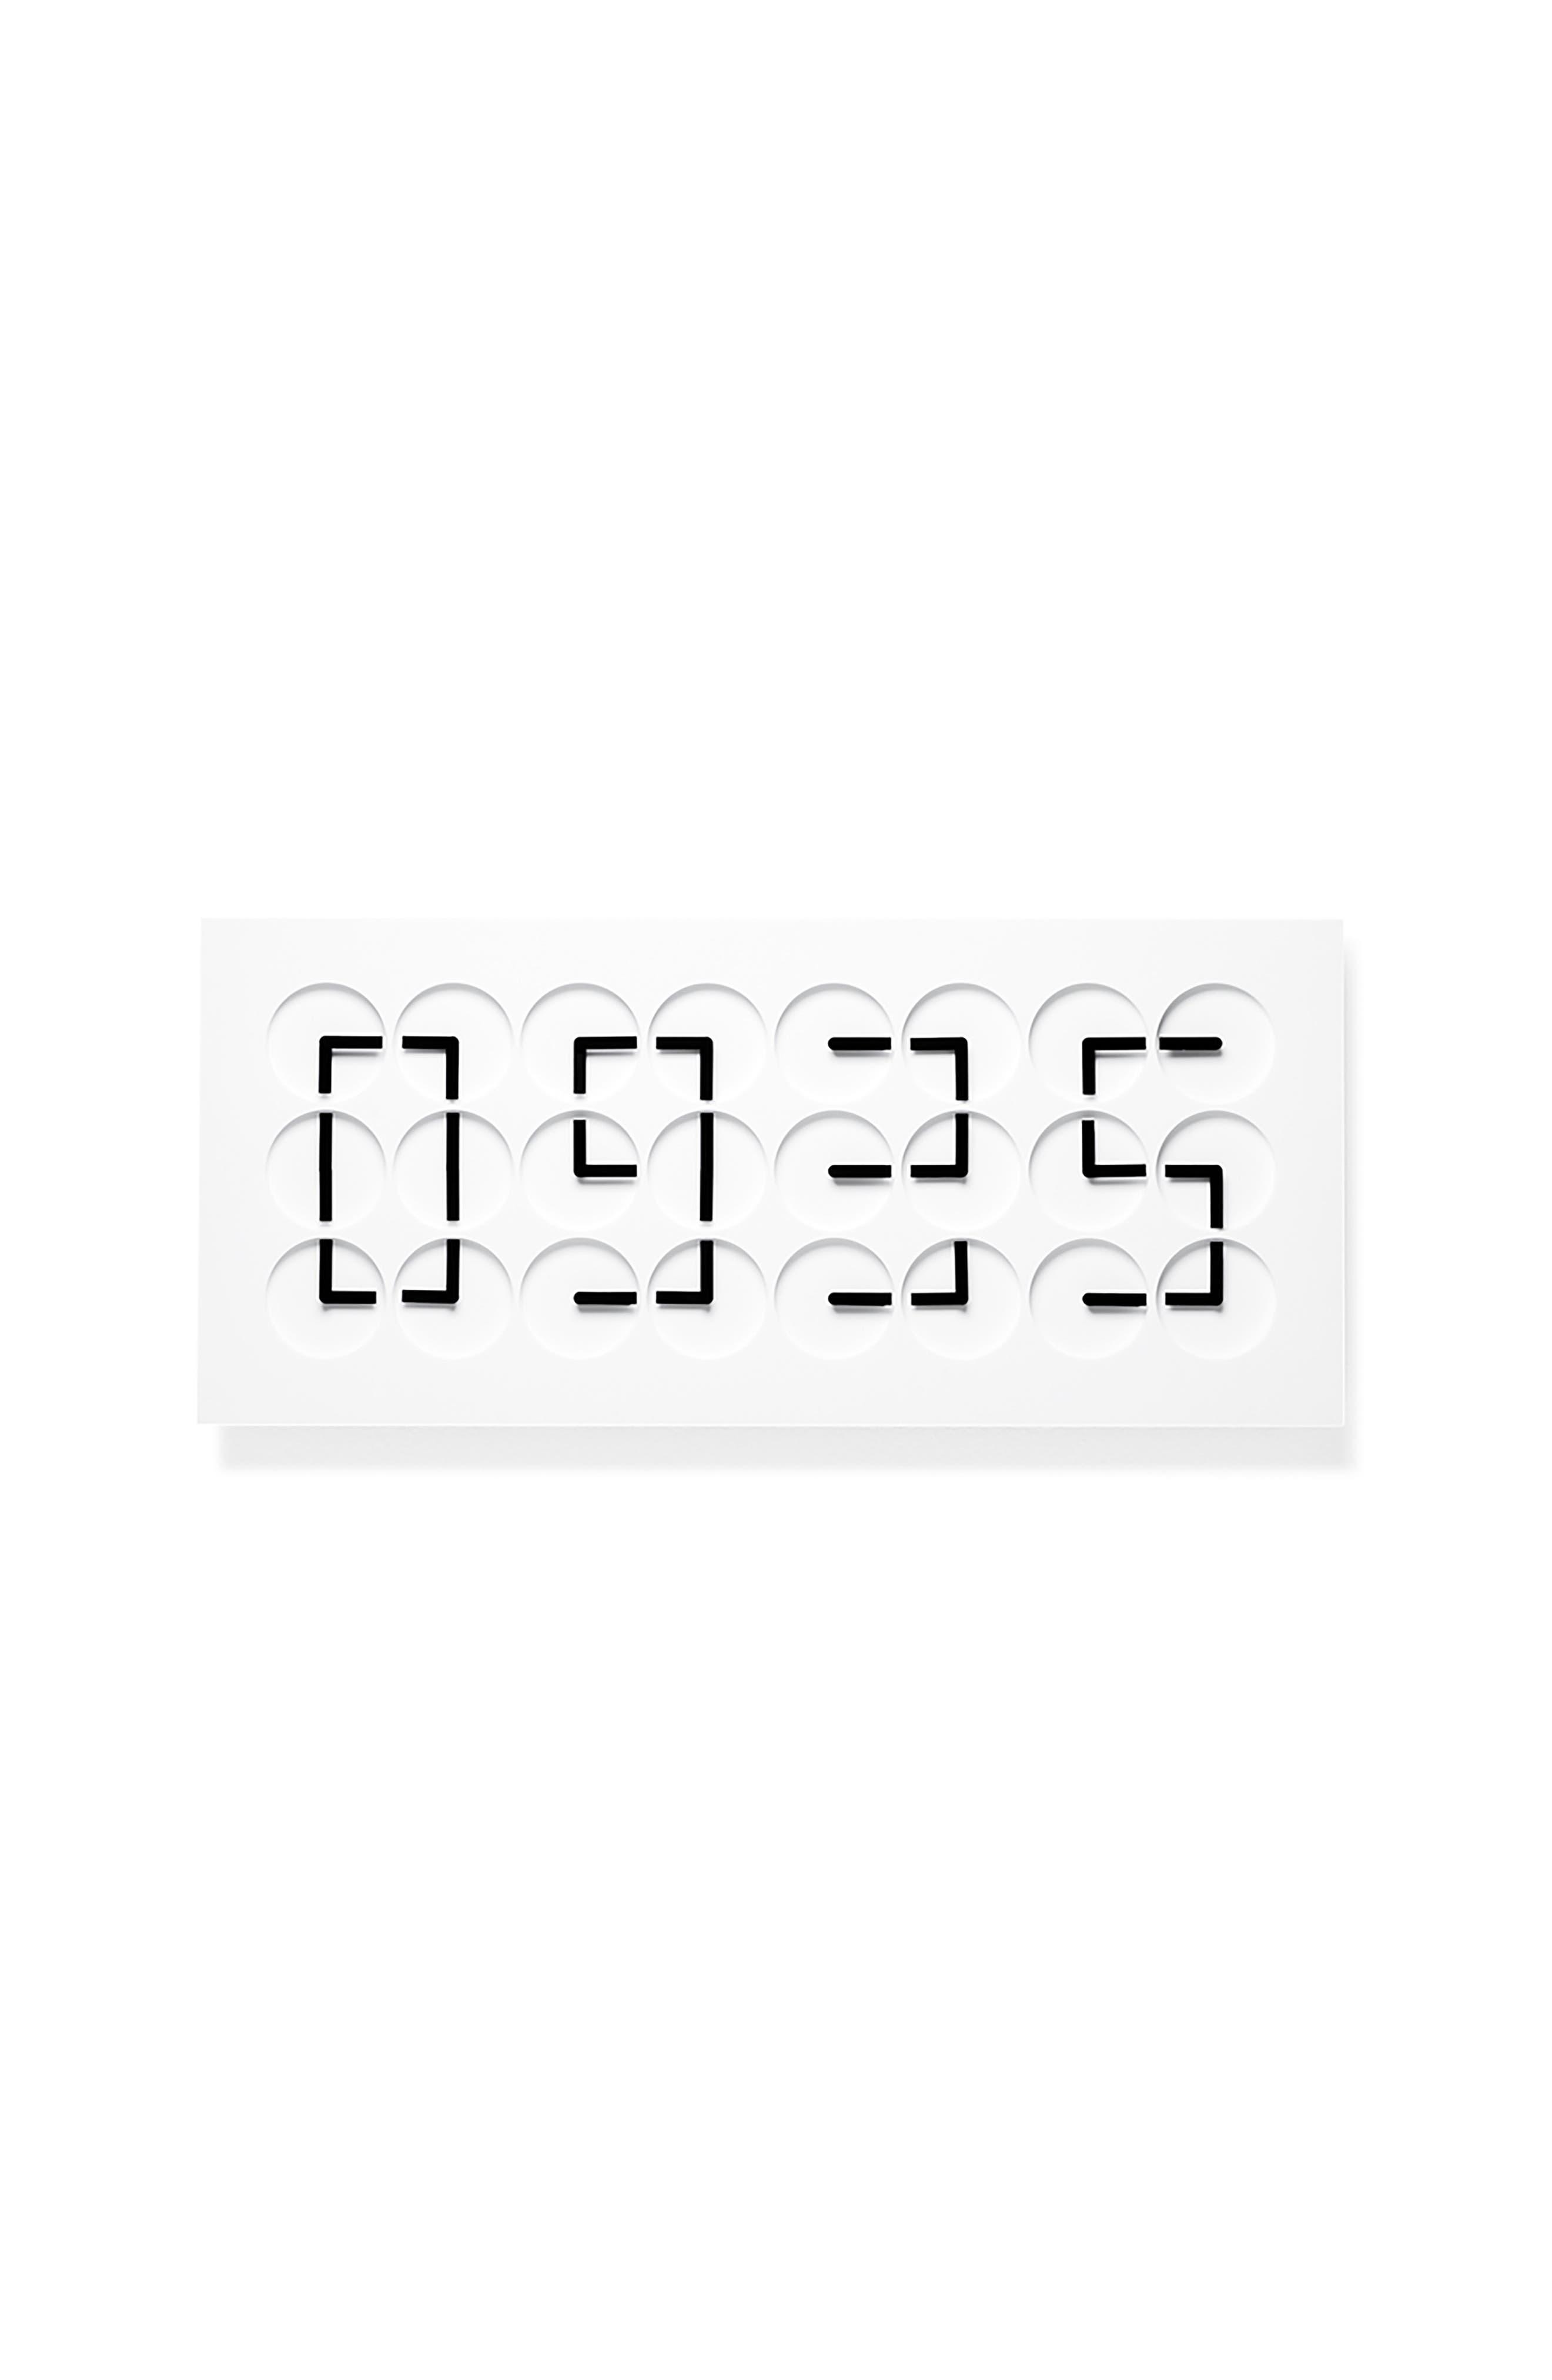 ClockClock 24 Digital Clock,                             Alternate thumbnail 2, color,                             100